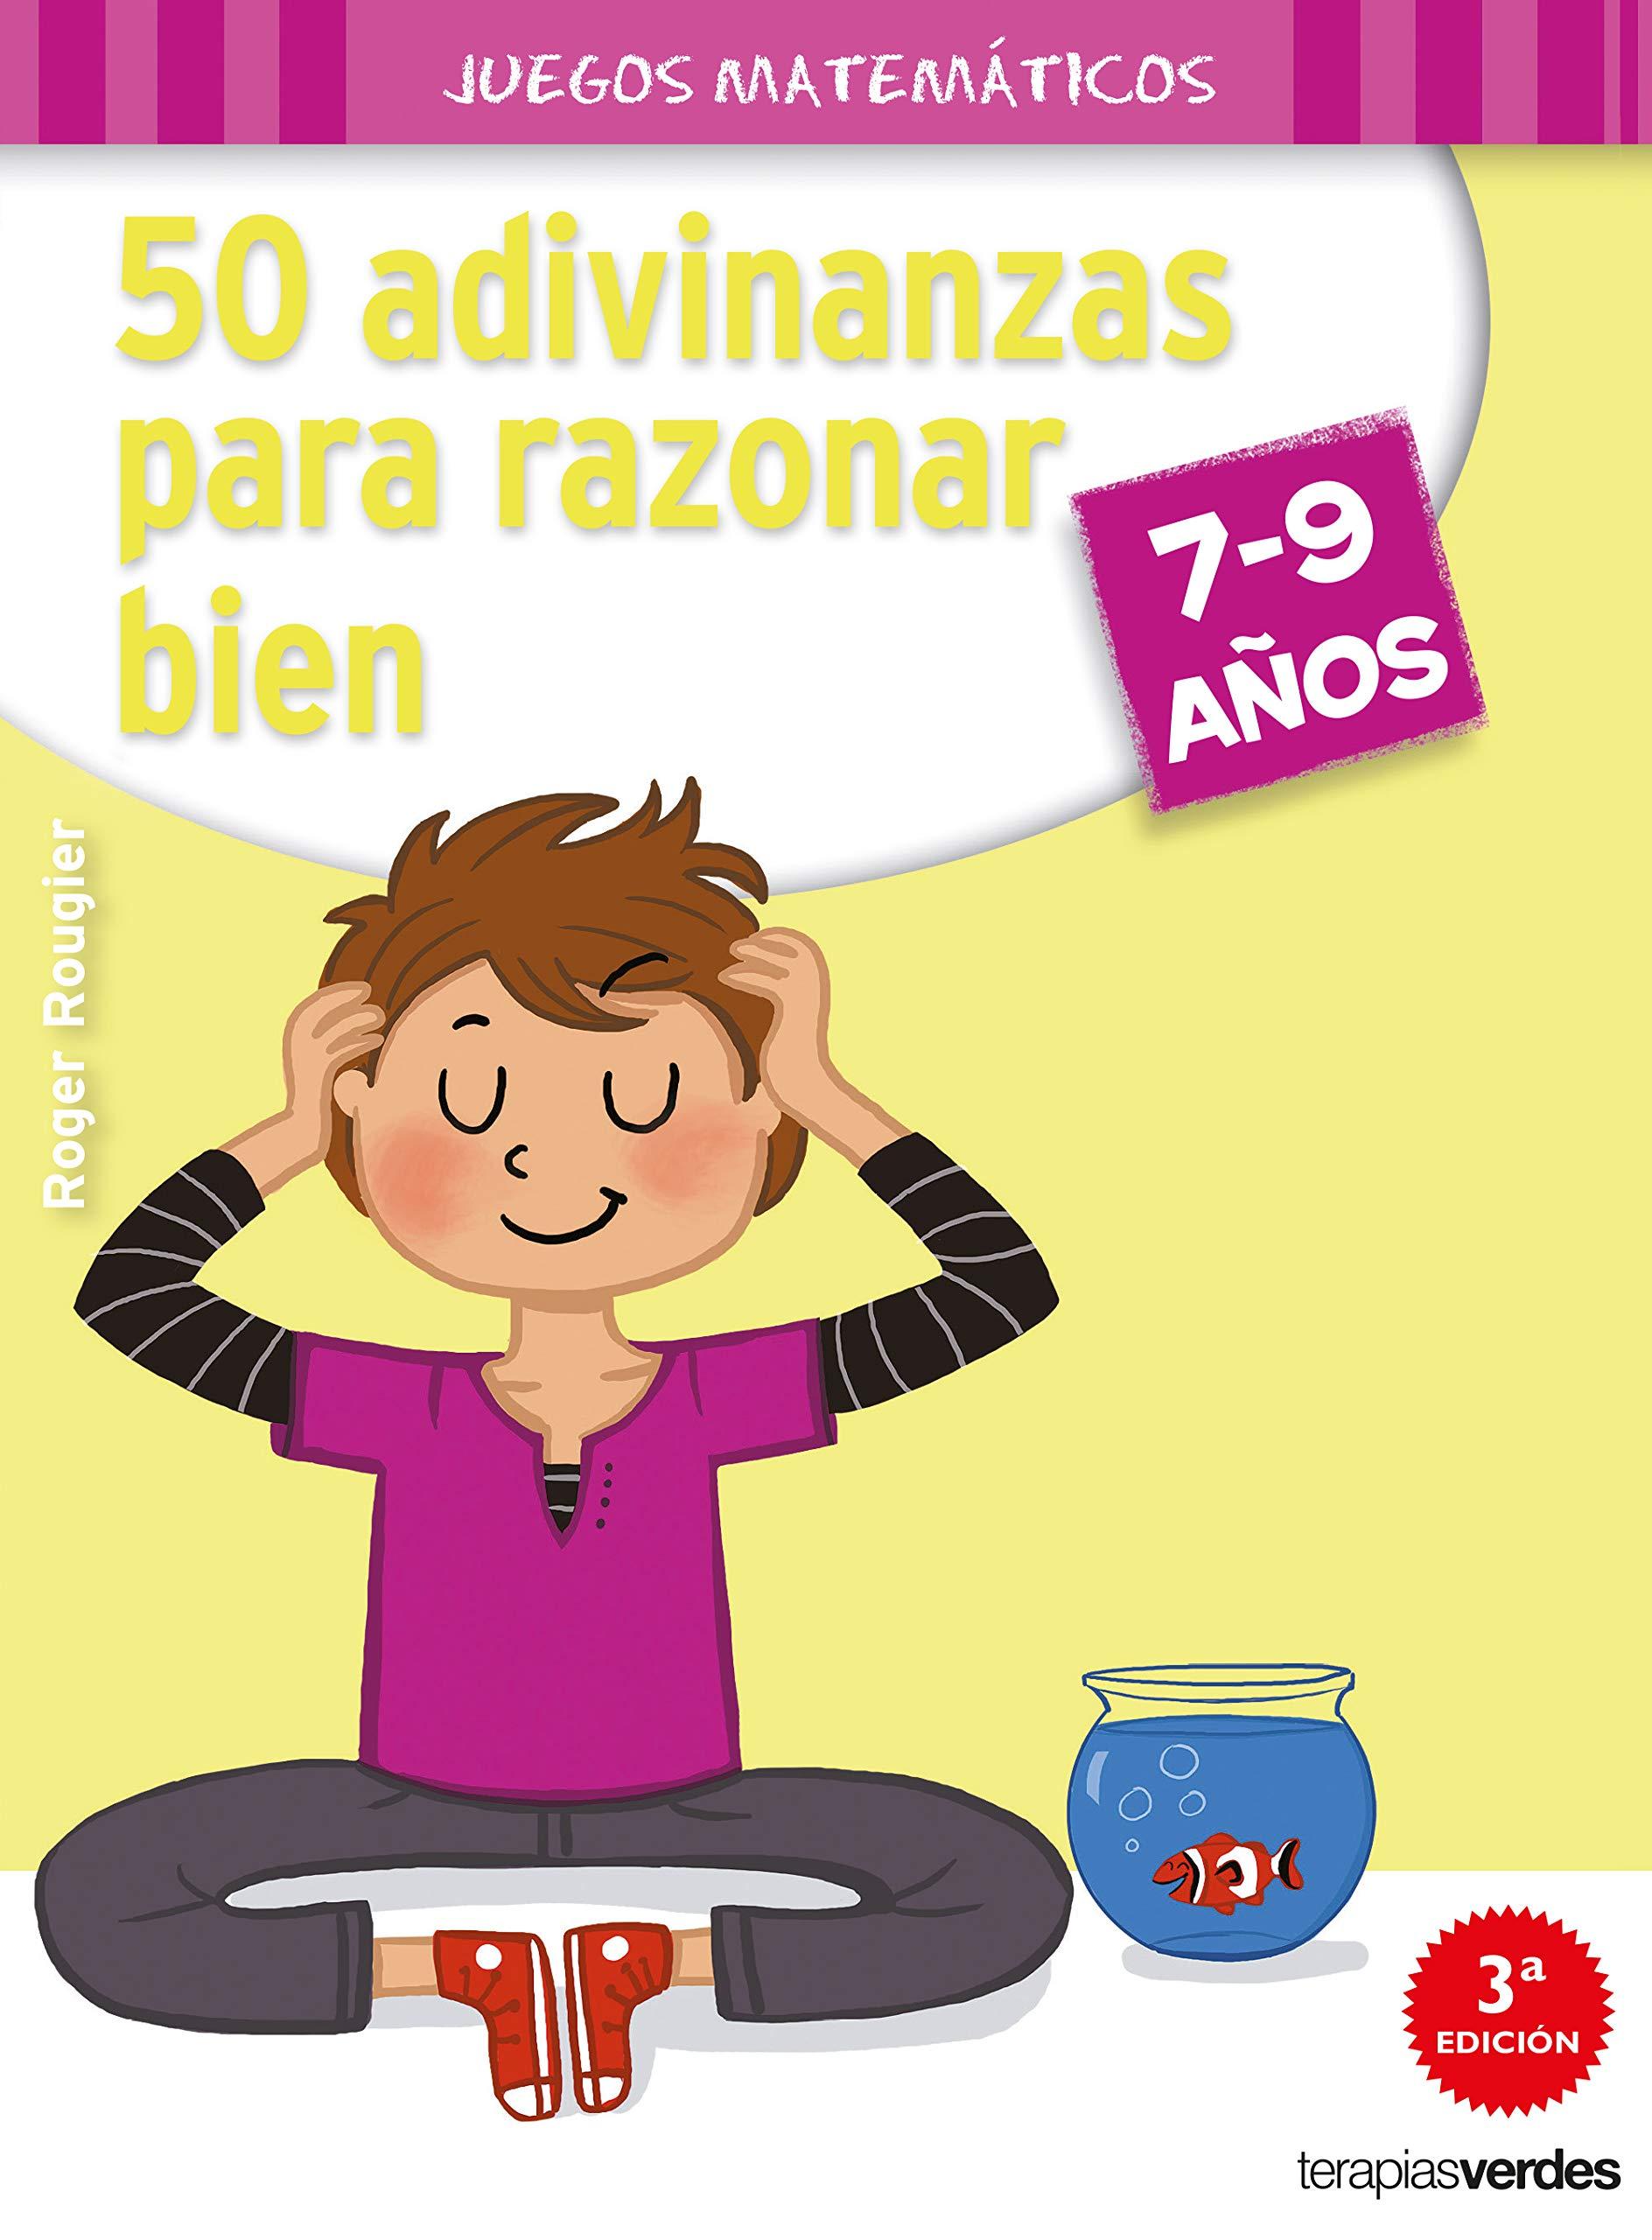 50 adivinanzas para razonar bien 7-9 años Terapias Juegos Didácticos:  Amazon.es: R. ROUGIER, Susana Peralta Lugones: Libros